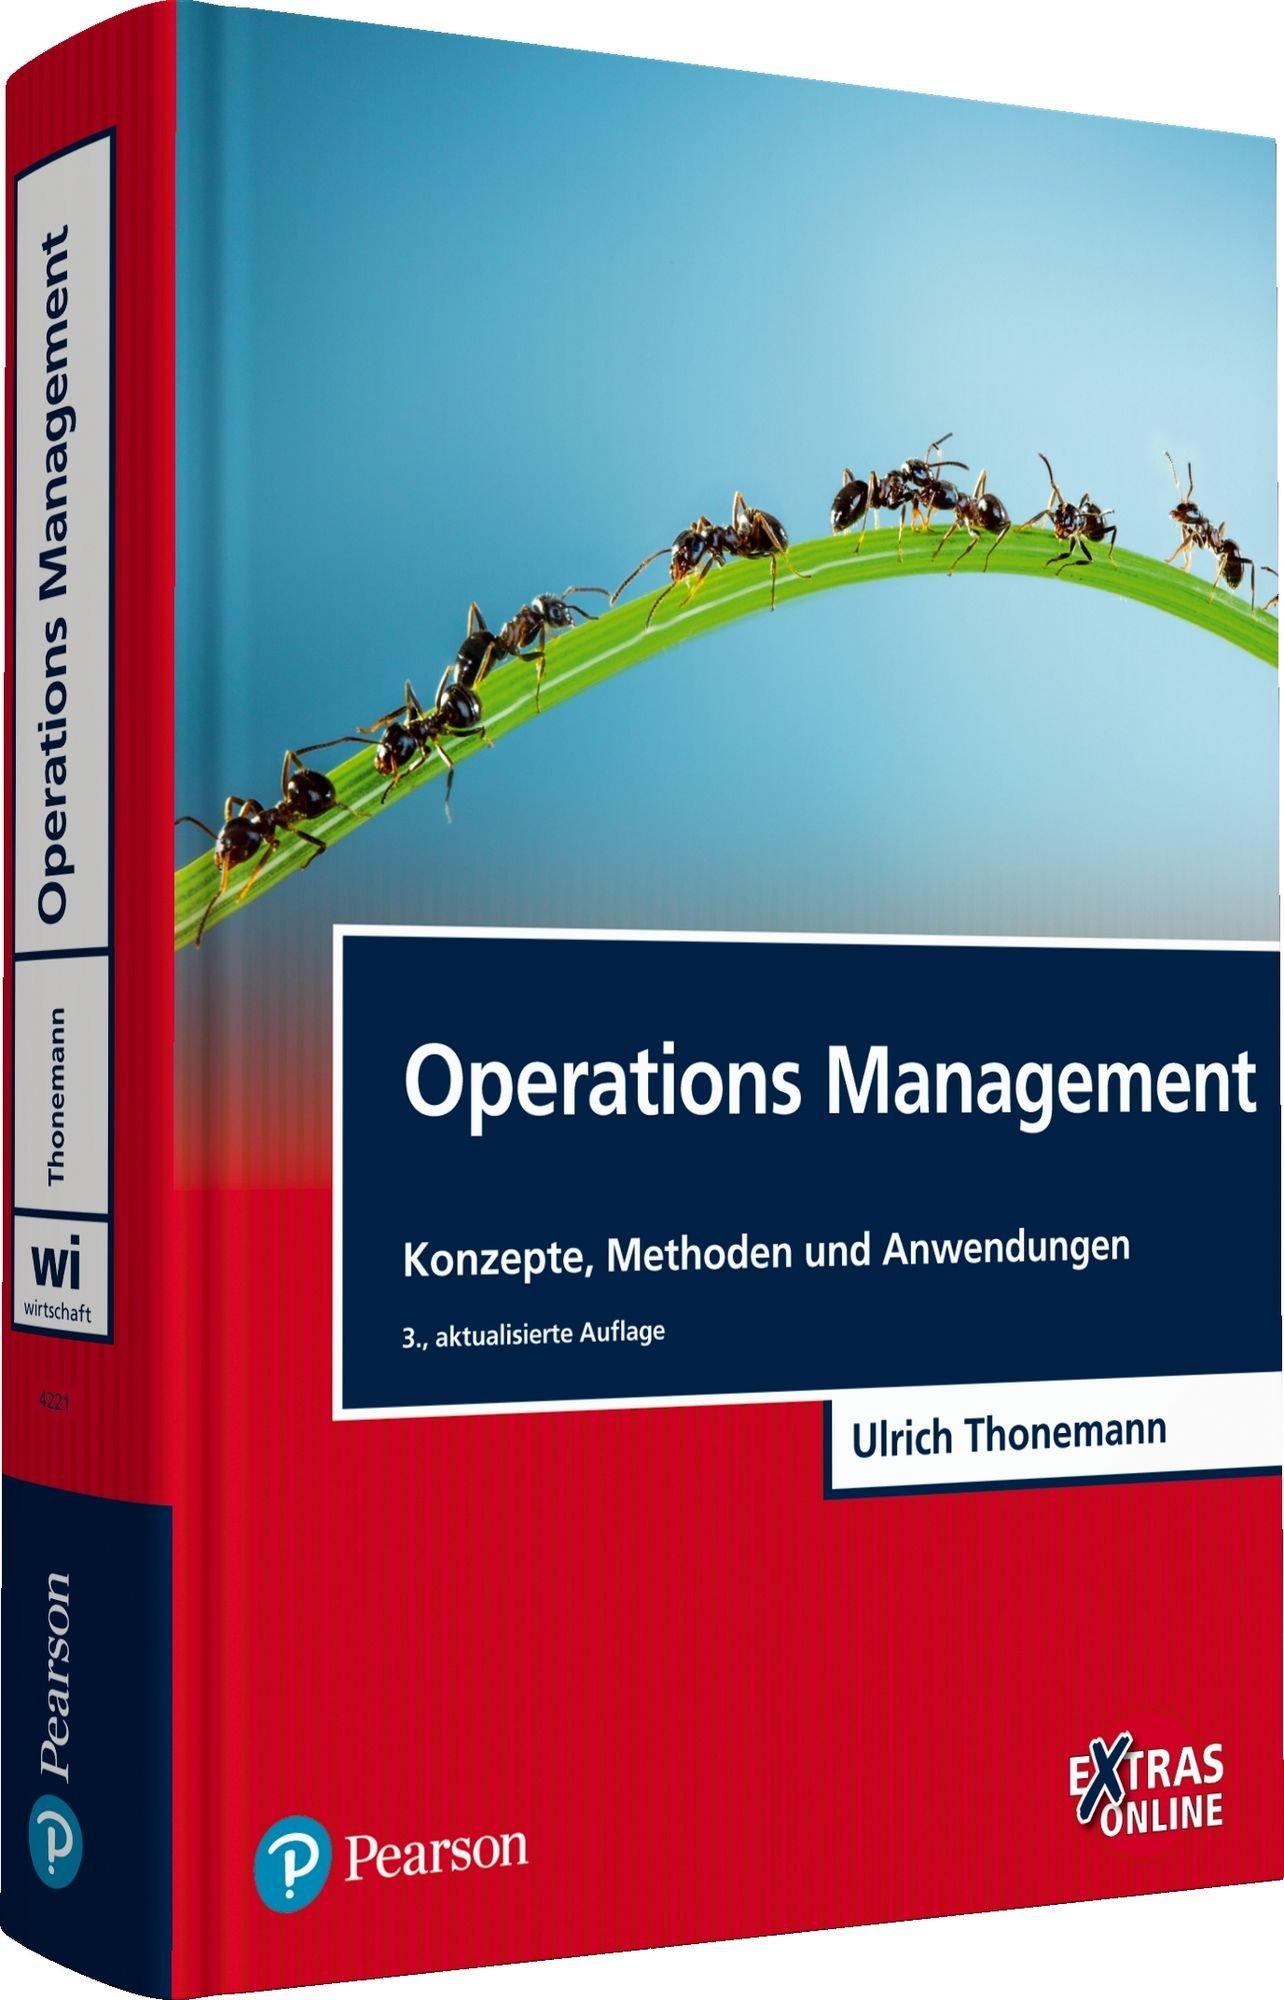 Operations Management: Konzepte, Methoden und Anwendungen (Pearson ...